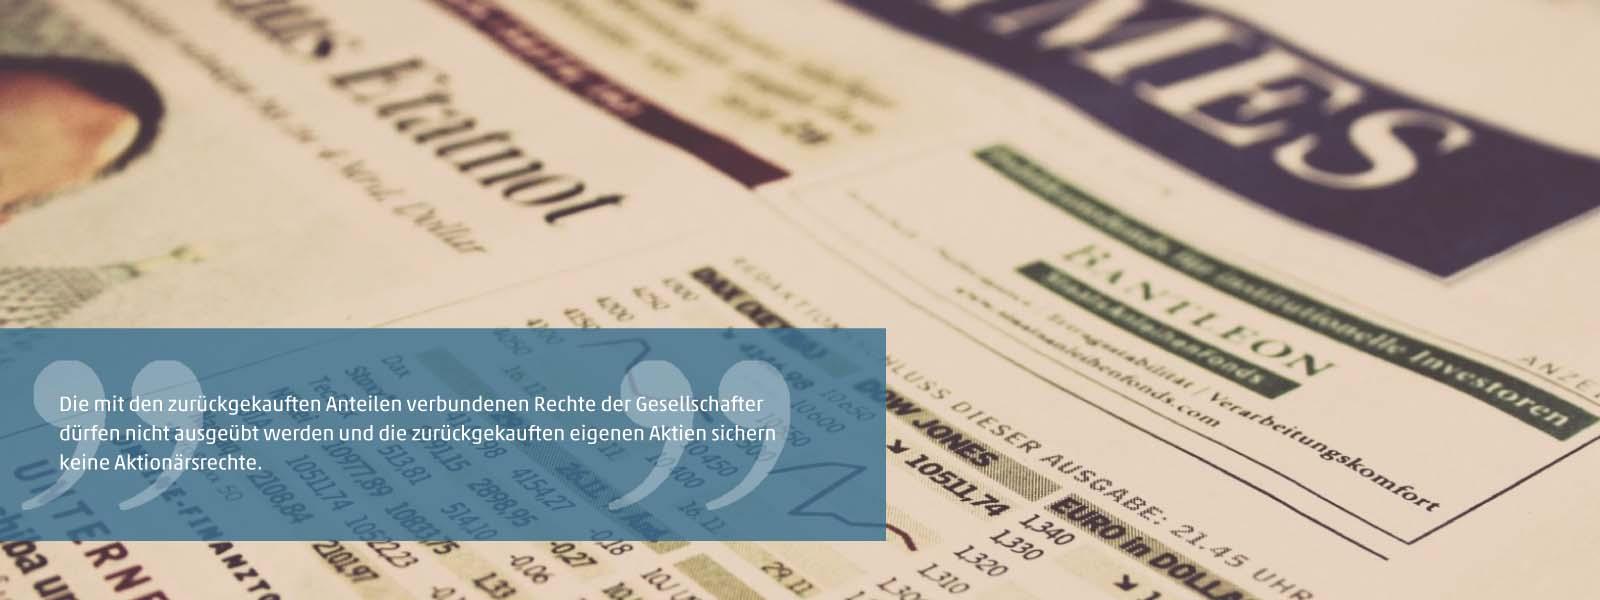 Rückkauf von eigenen Aktien oder Anteilen